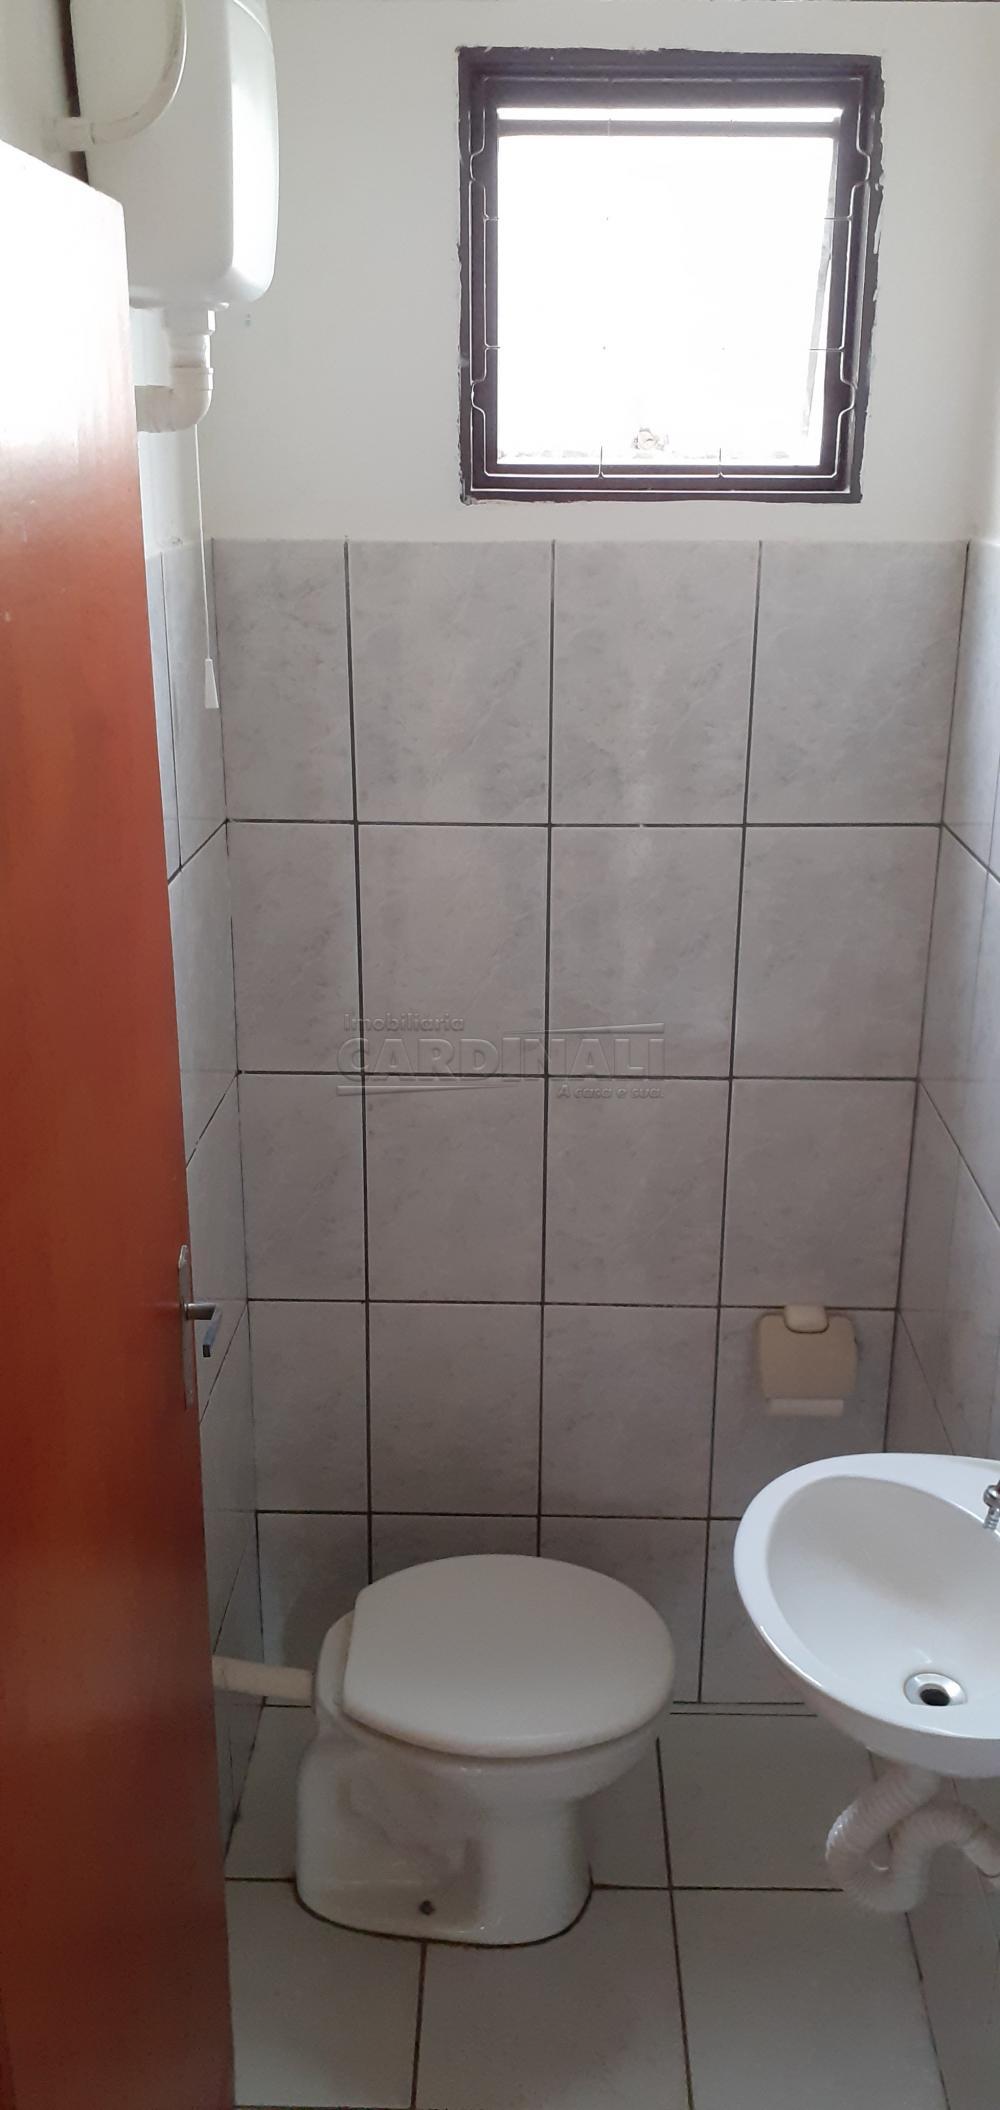 Alugar Comercial / Salão em São Carlos apenas R$ 723,00 - Foto 8